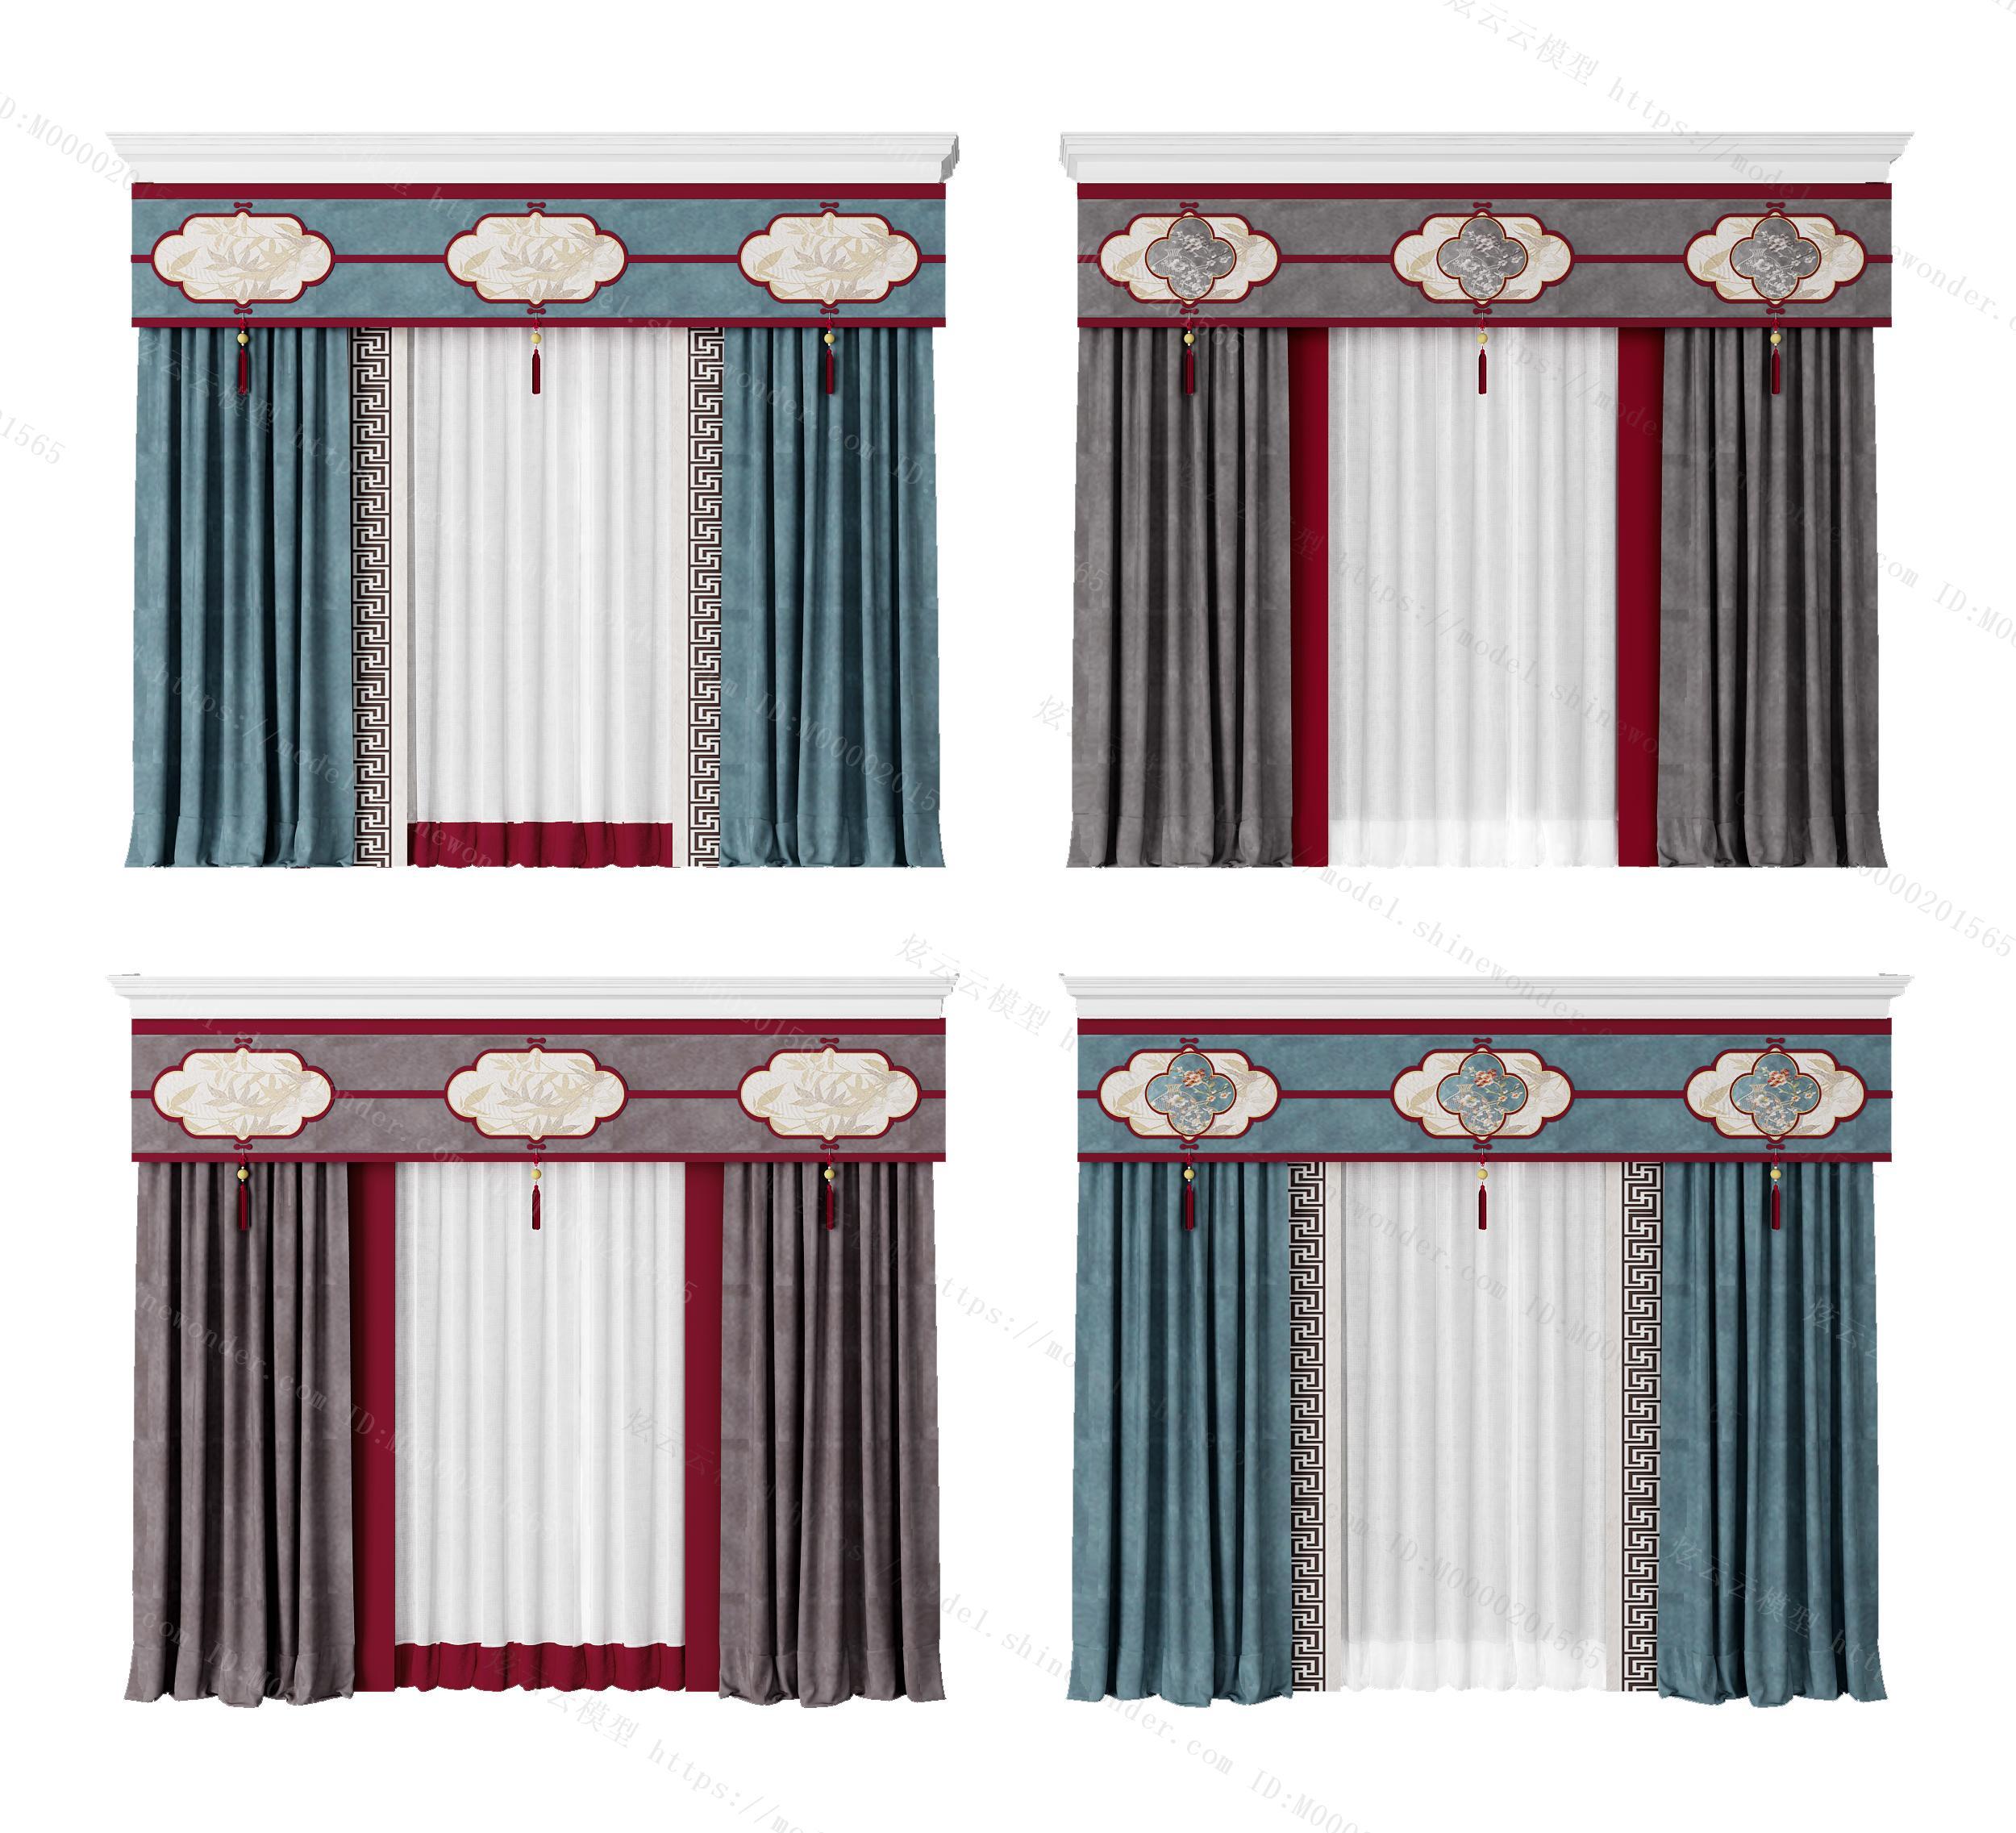 新中式窗帘组合模型